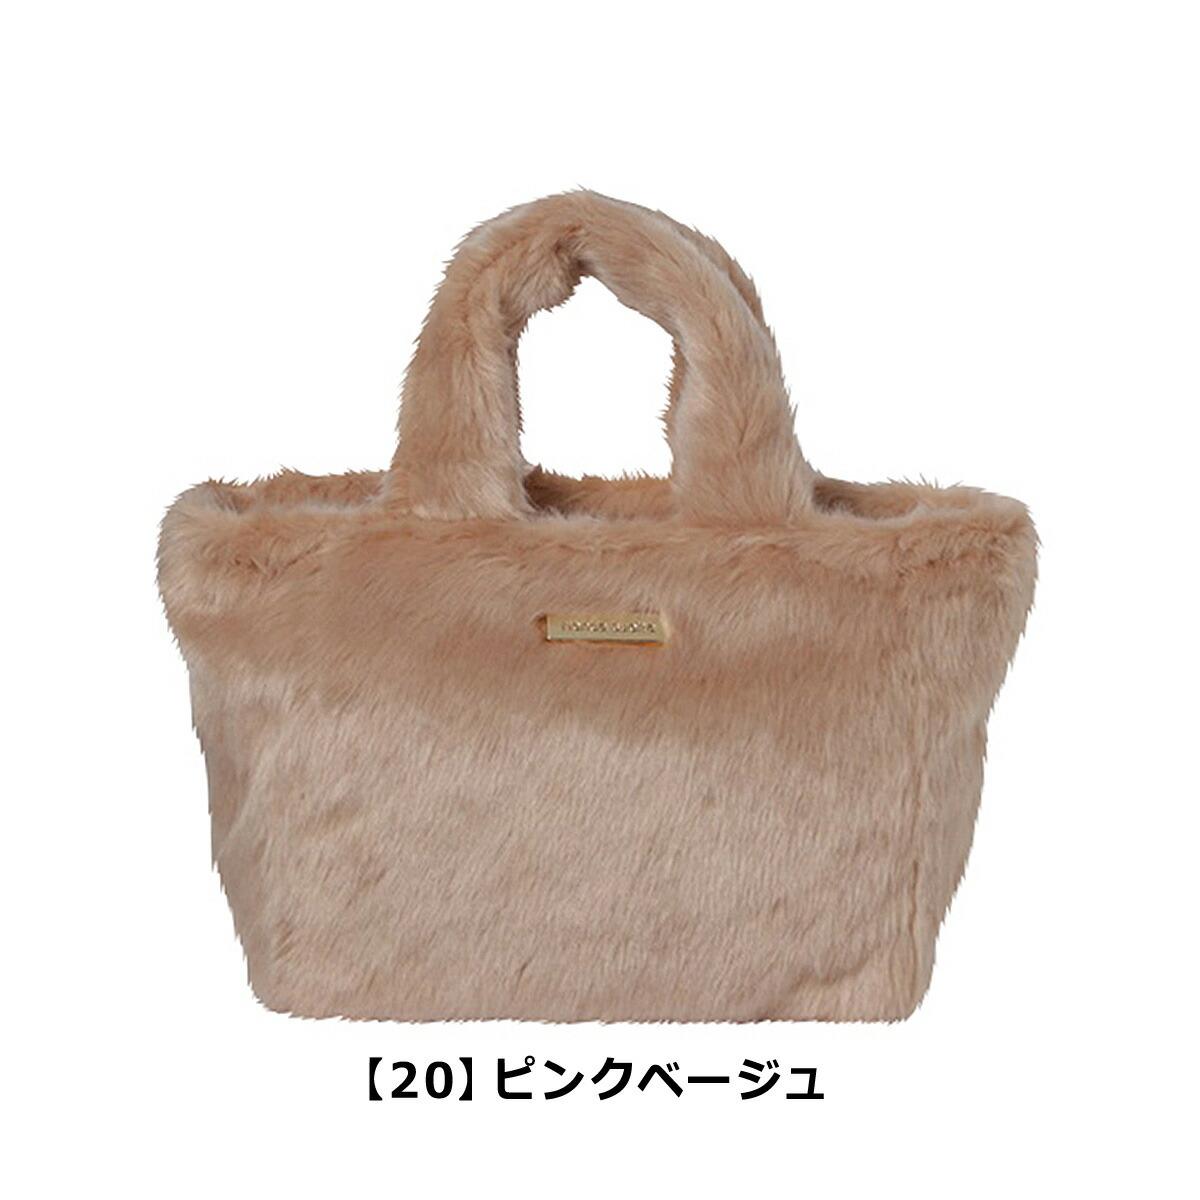 【20】ピンクベージュ